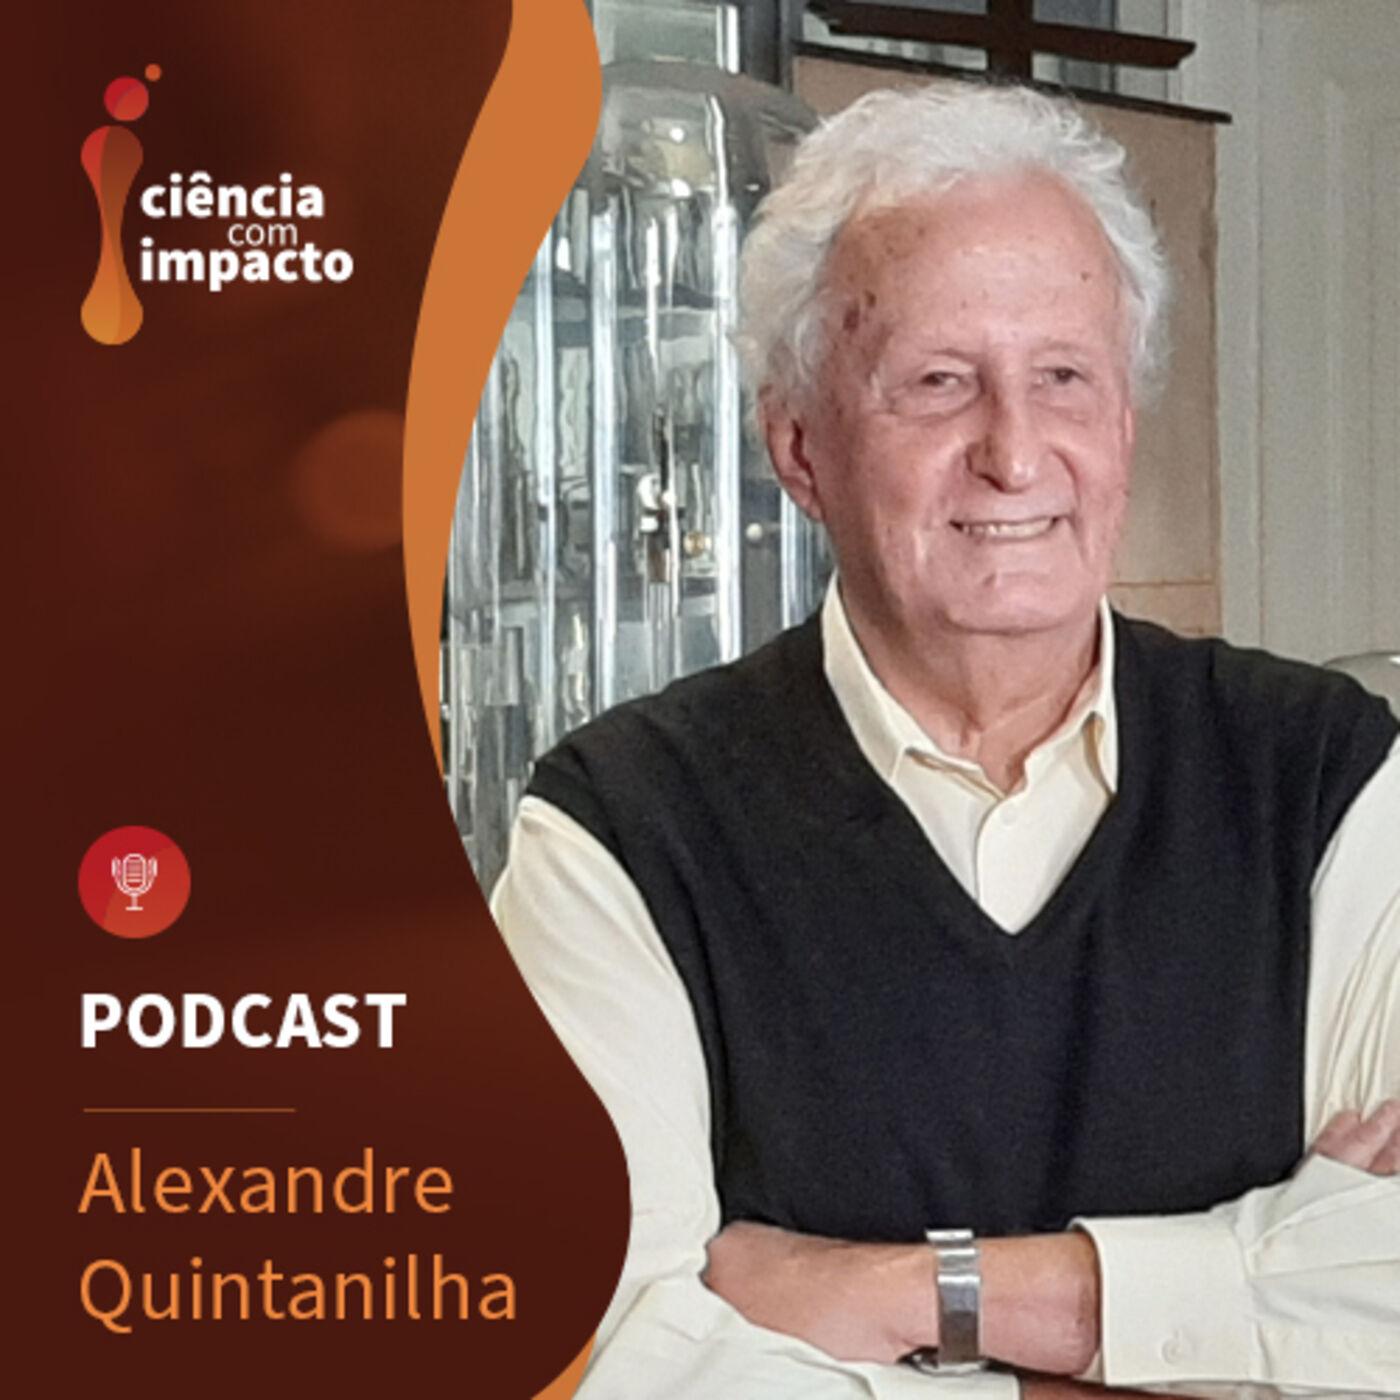 Podcast T2E3: Alexandre Quintanilha - O Cientista Cidadão